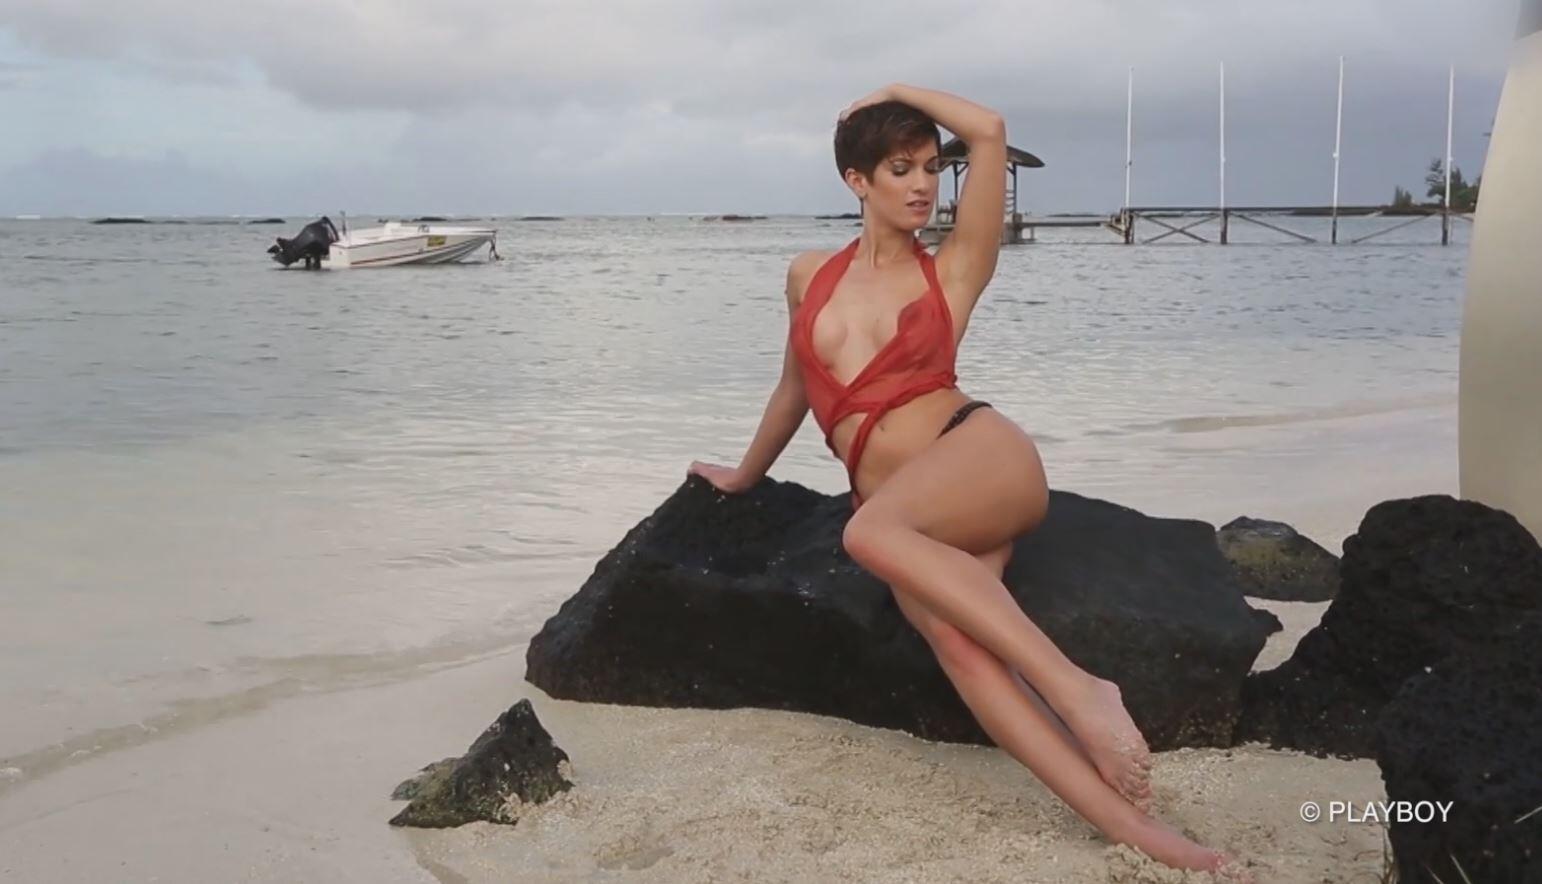 Bild zu OP-Geständnis? Das sagt Isabell Horn zu ihrem Playboy-Busen!